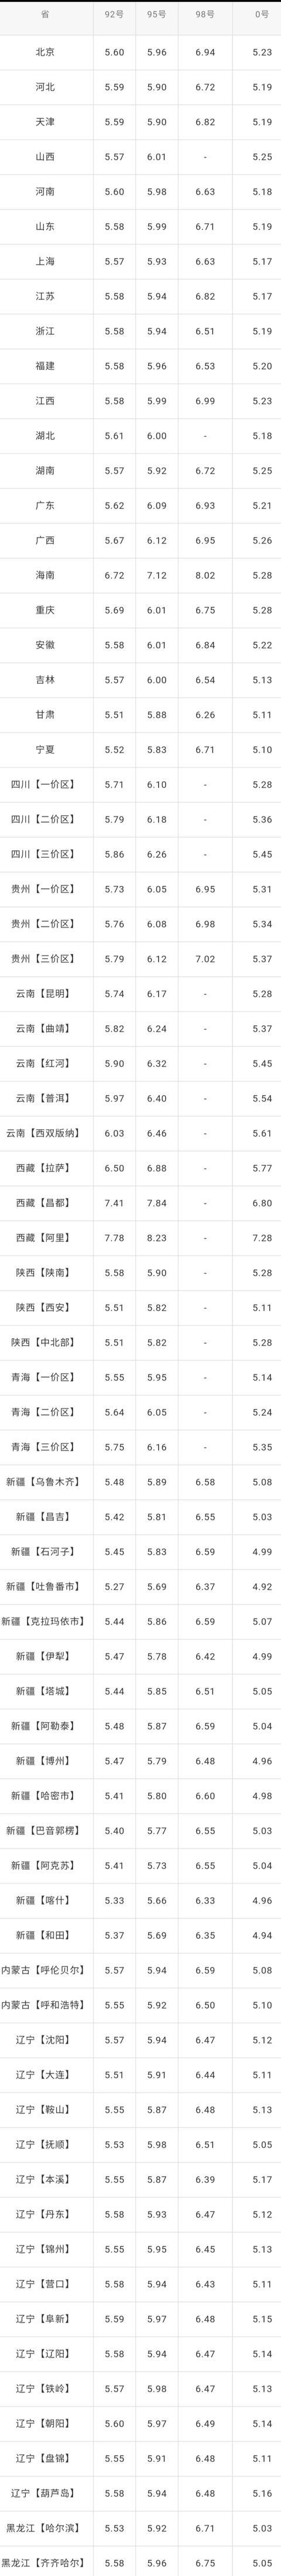 全国油价调整信息:6月29日调整后:全国92、95号汽油价格表